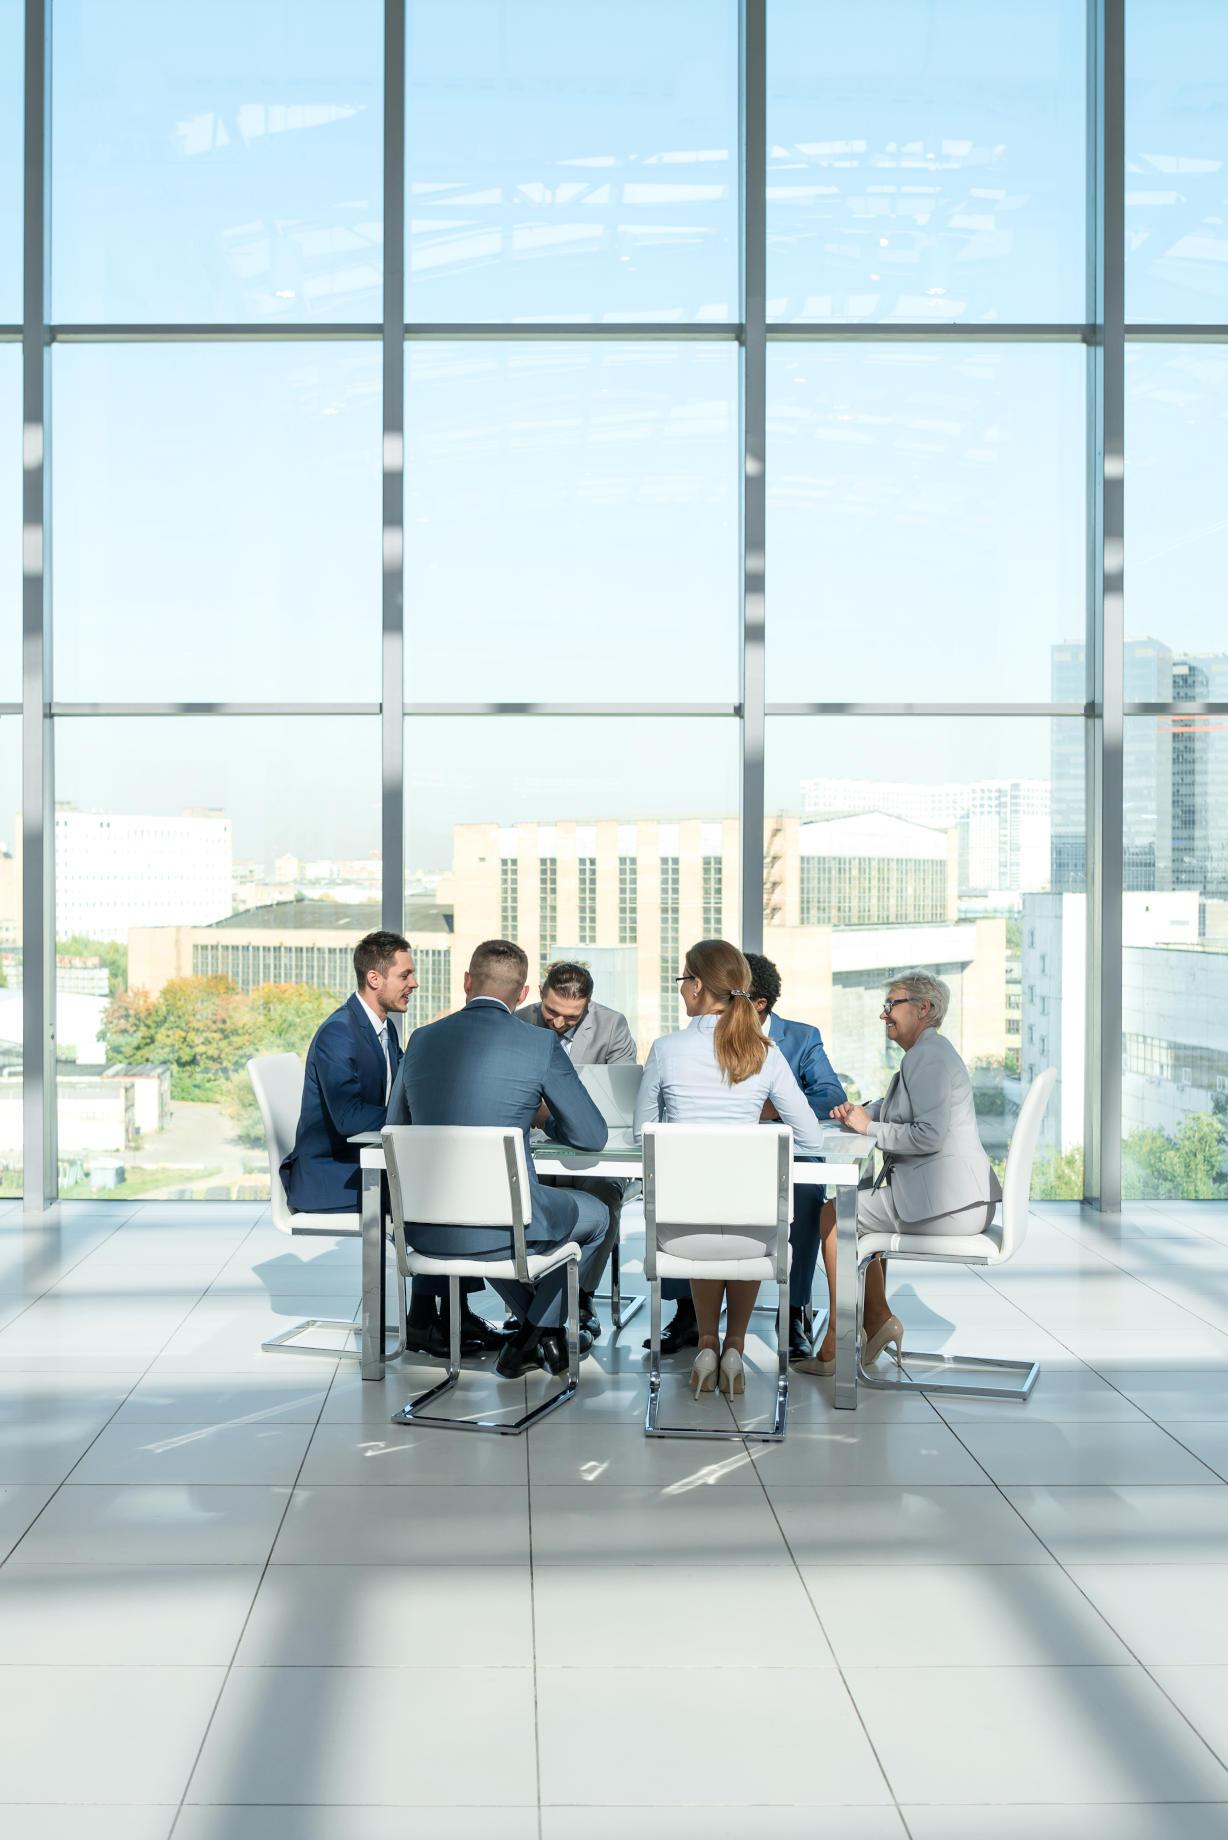 Wirtschaftsbündnis Naturheilkunde alle sitzen an einem Tisch